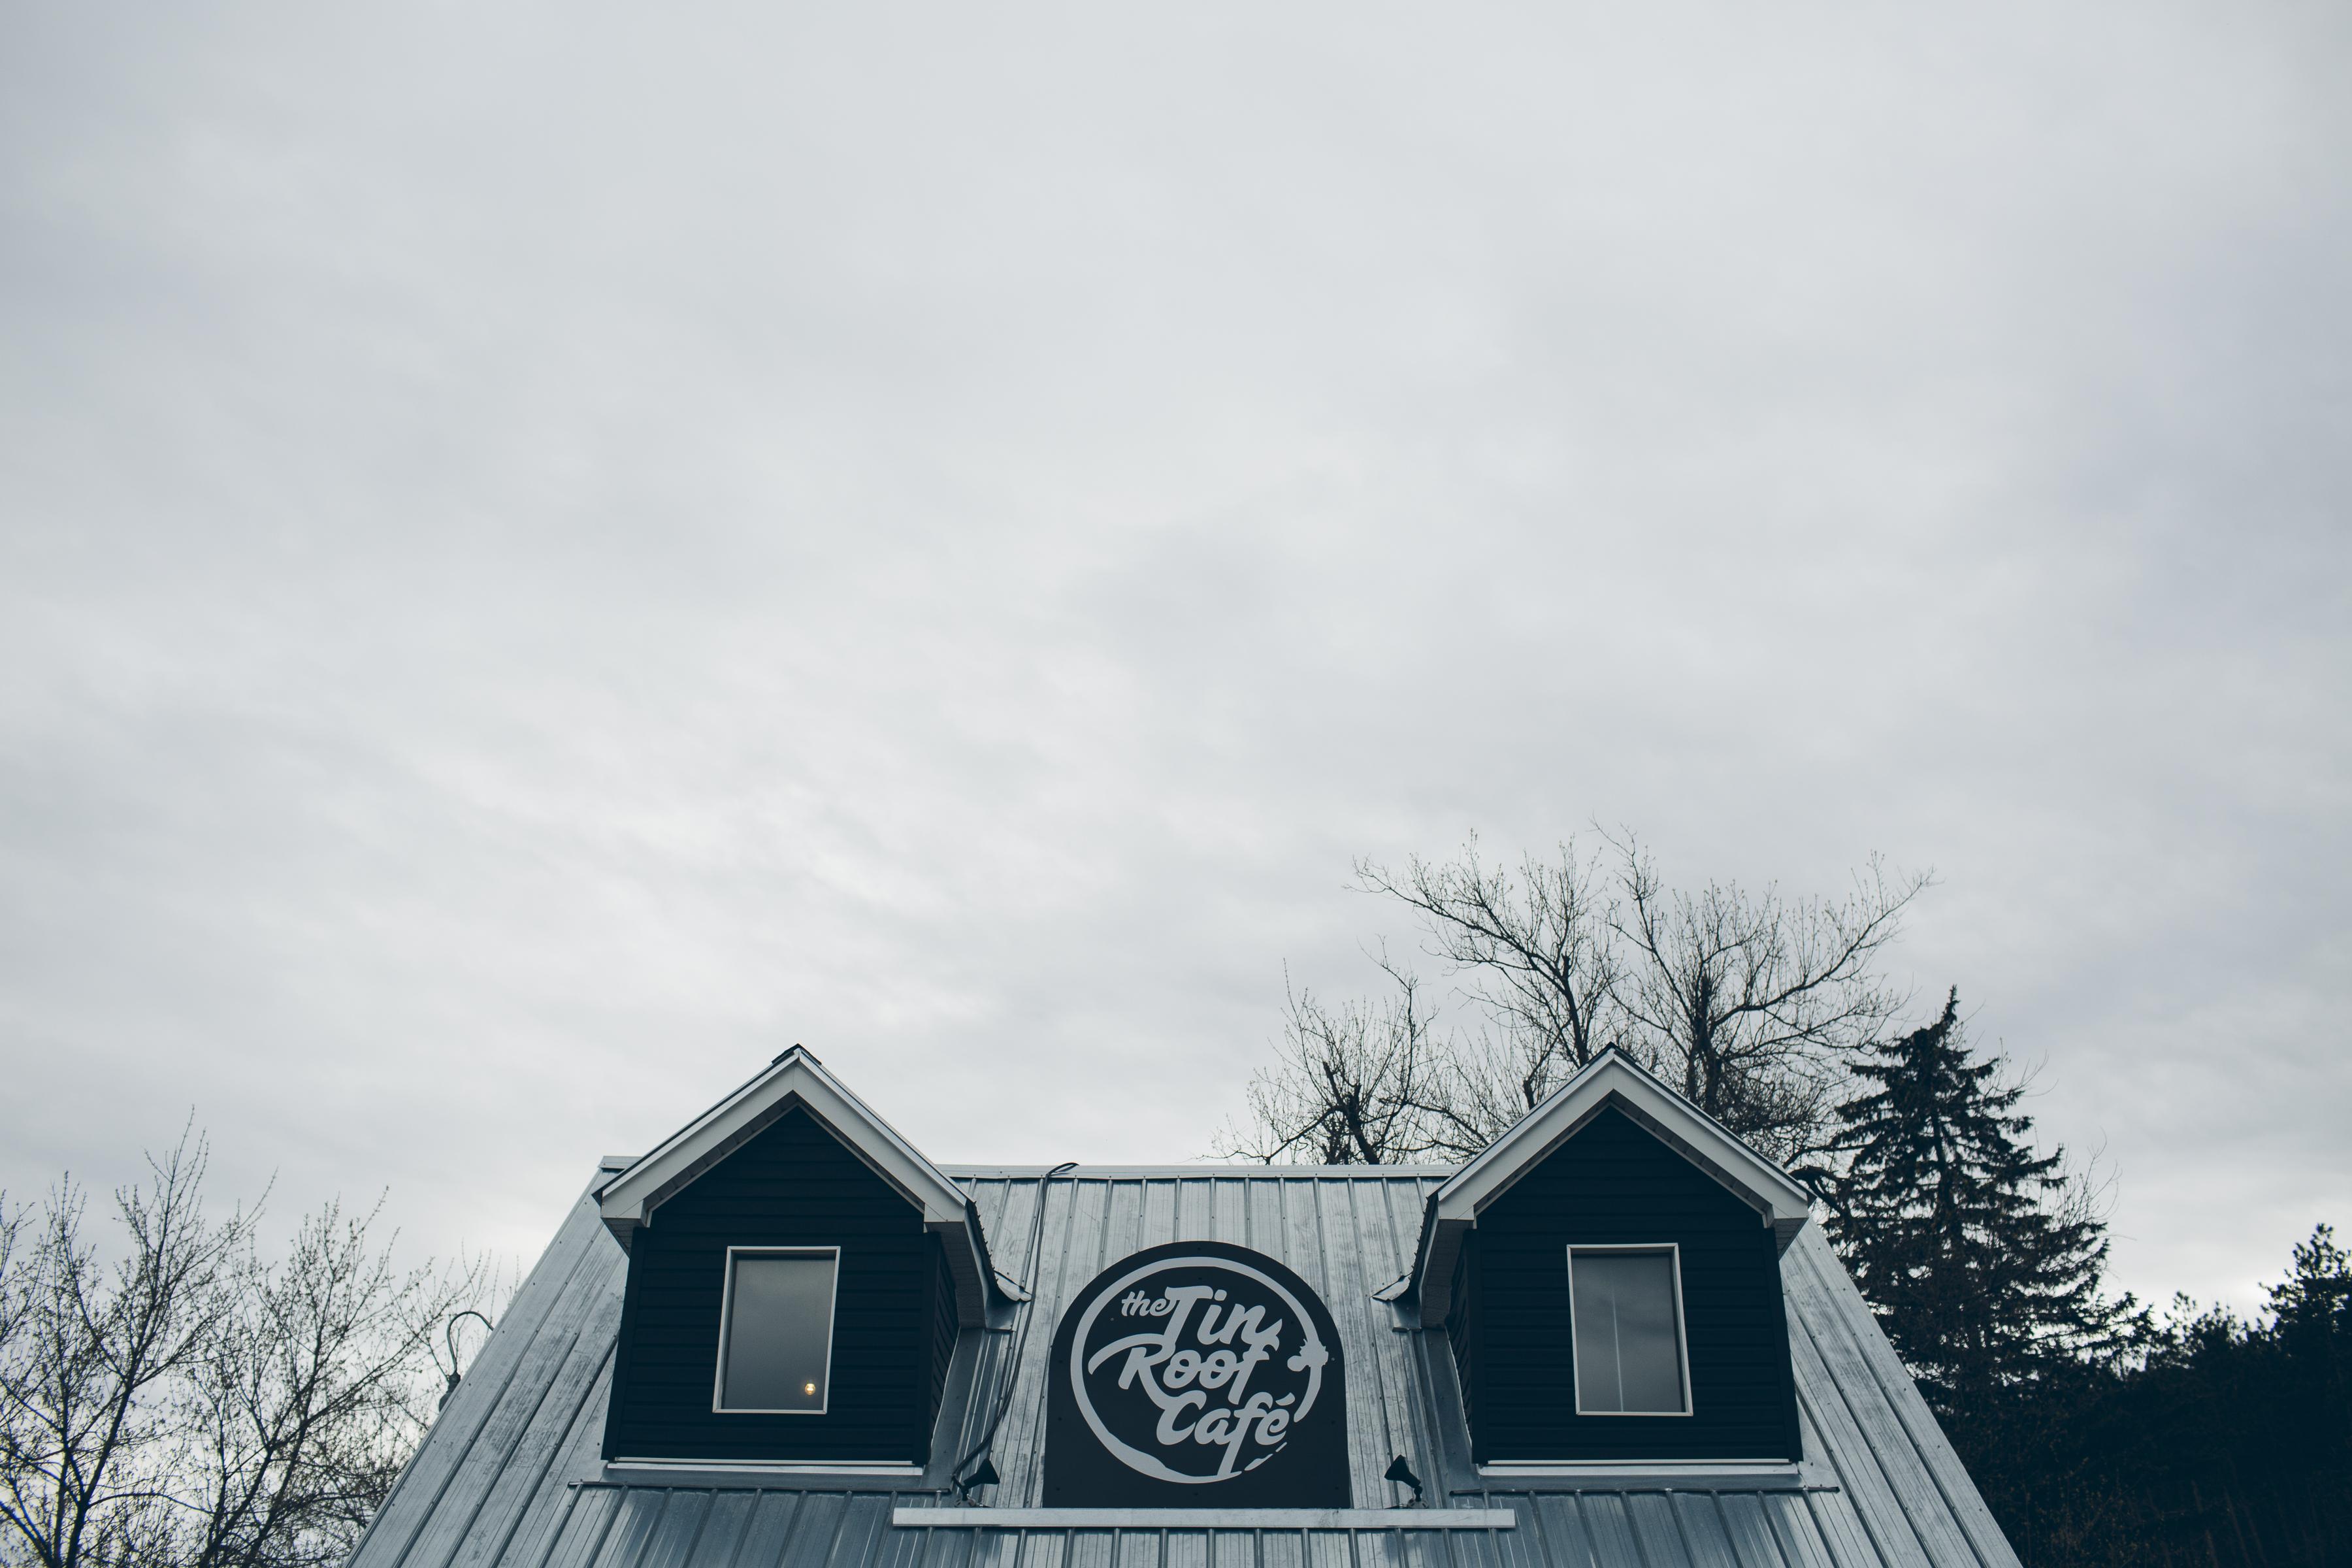 Exterior Tin Roof Cafe